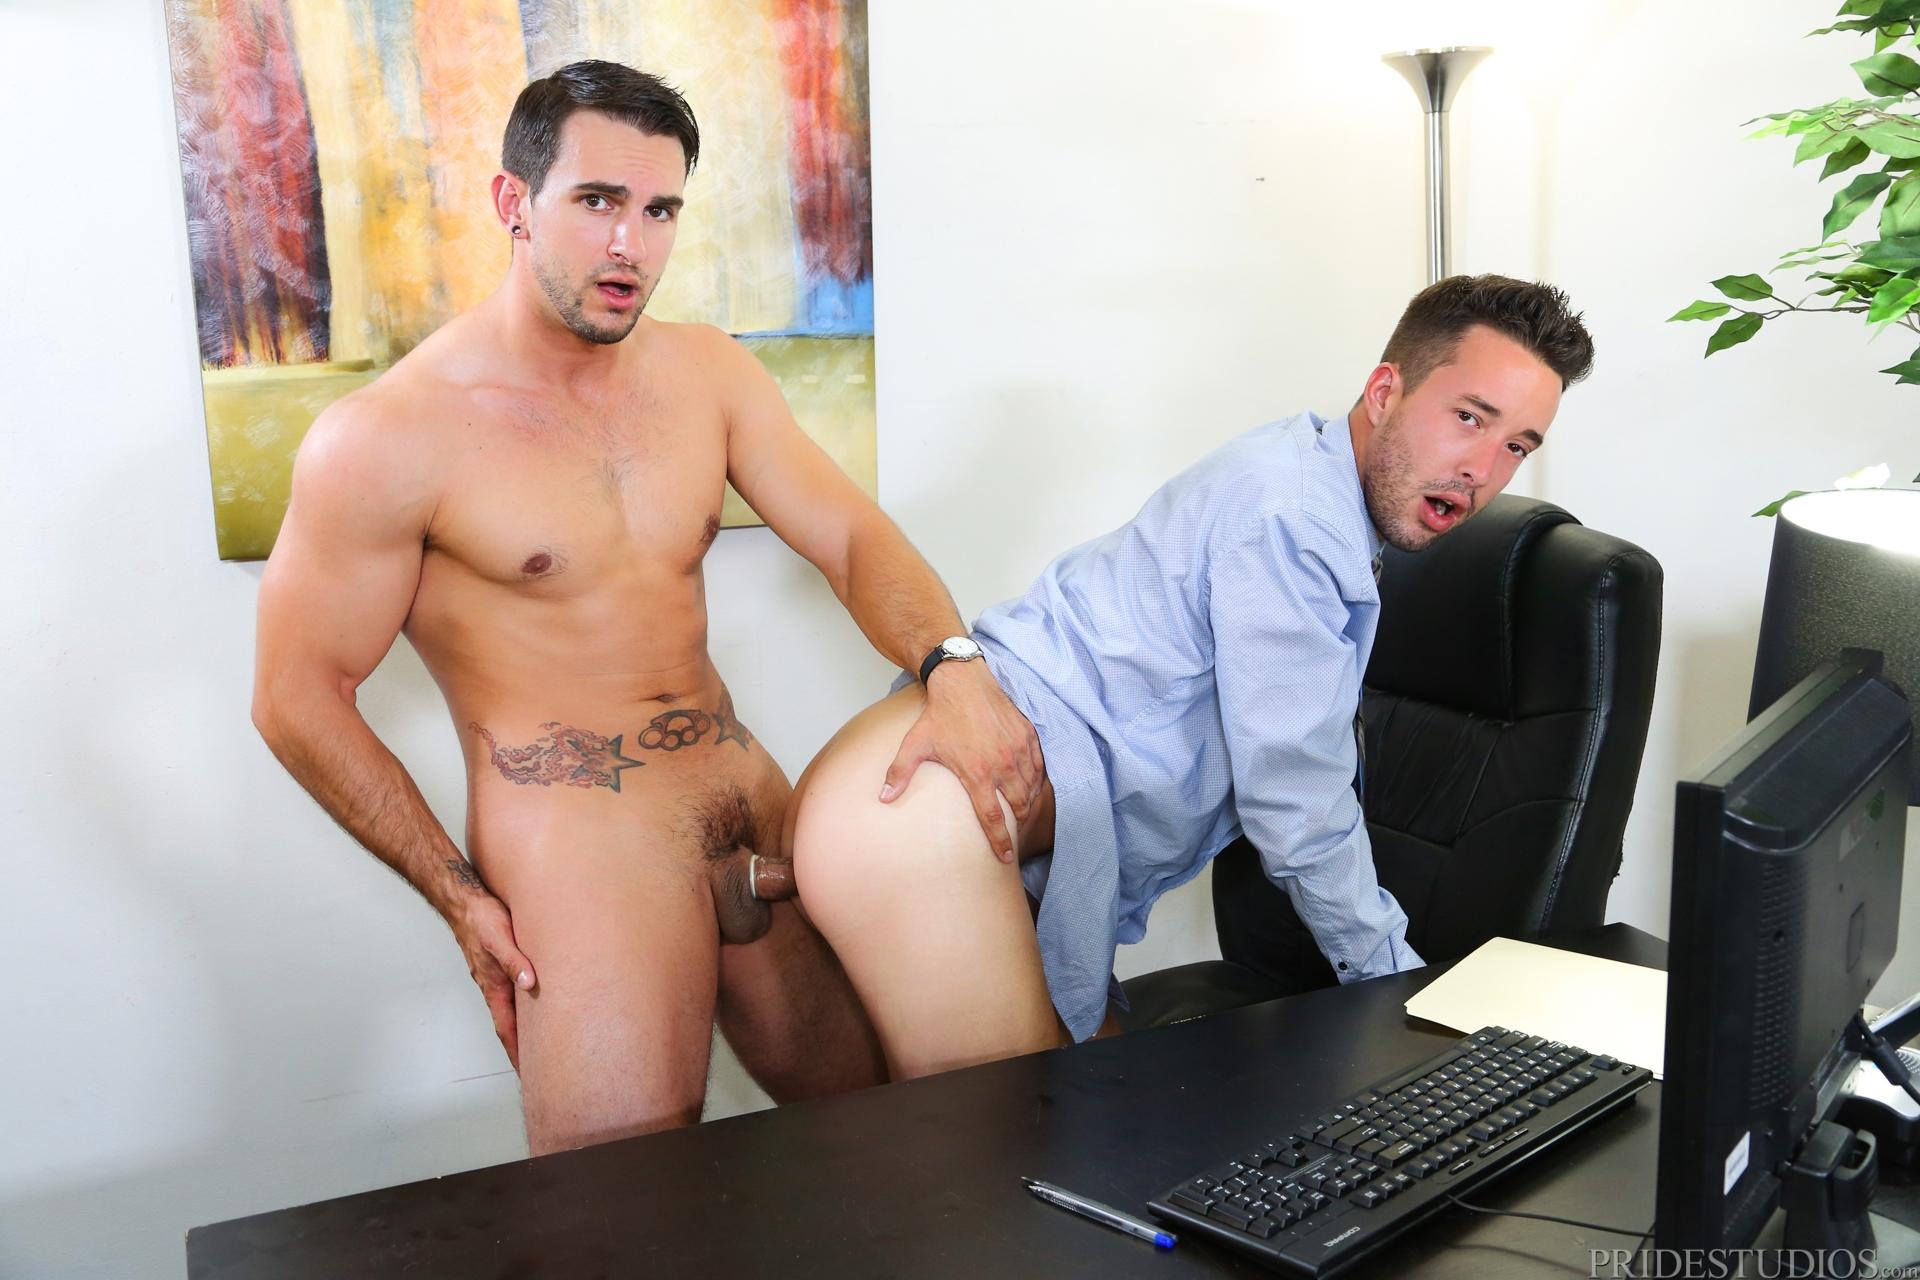 men over 30 - employee relations at suck a boner